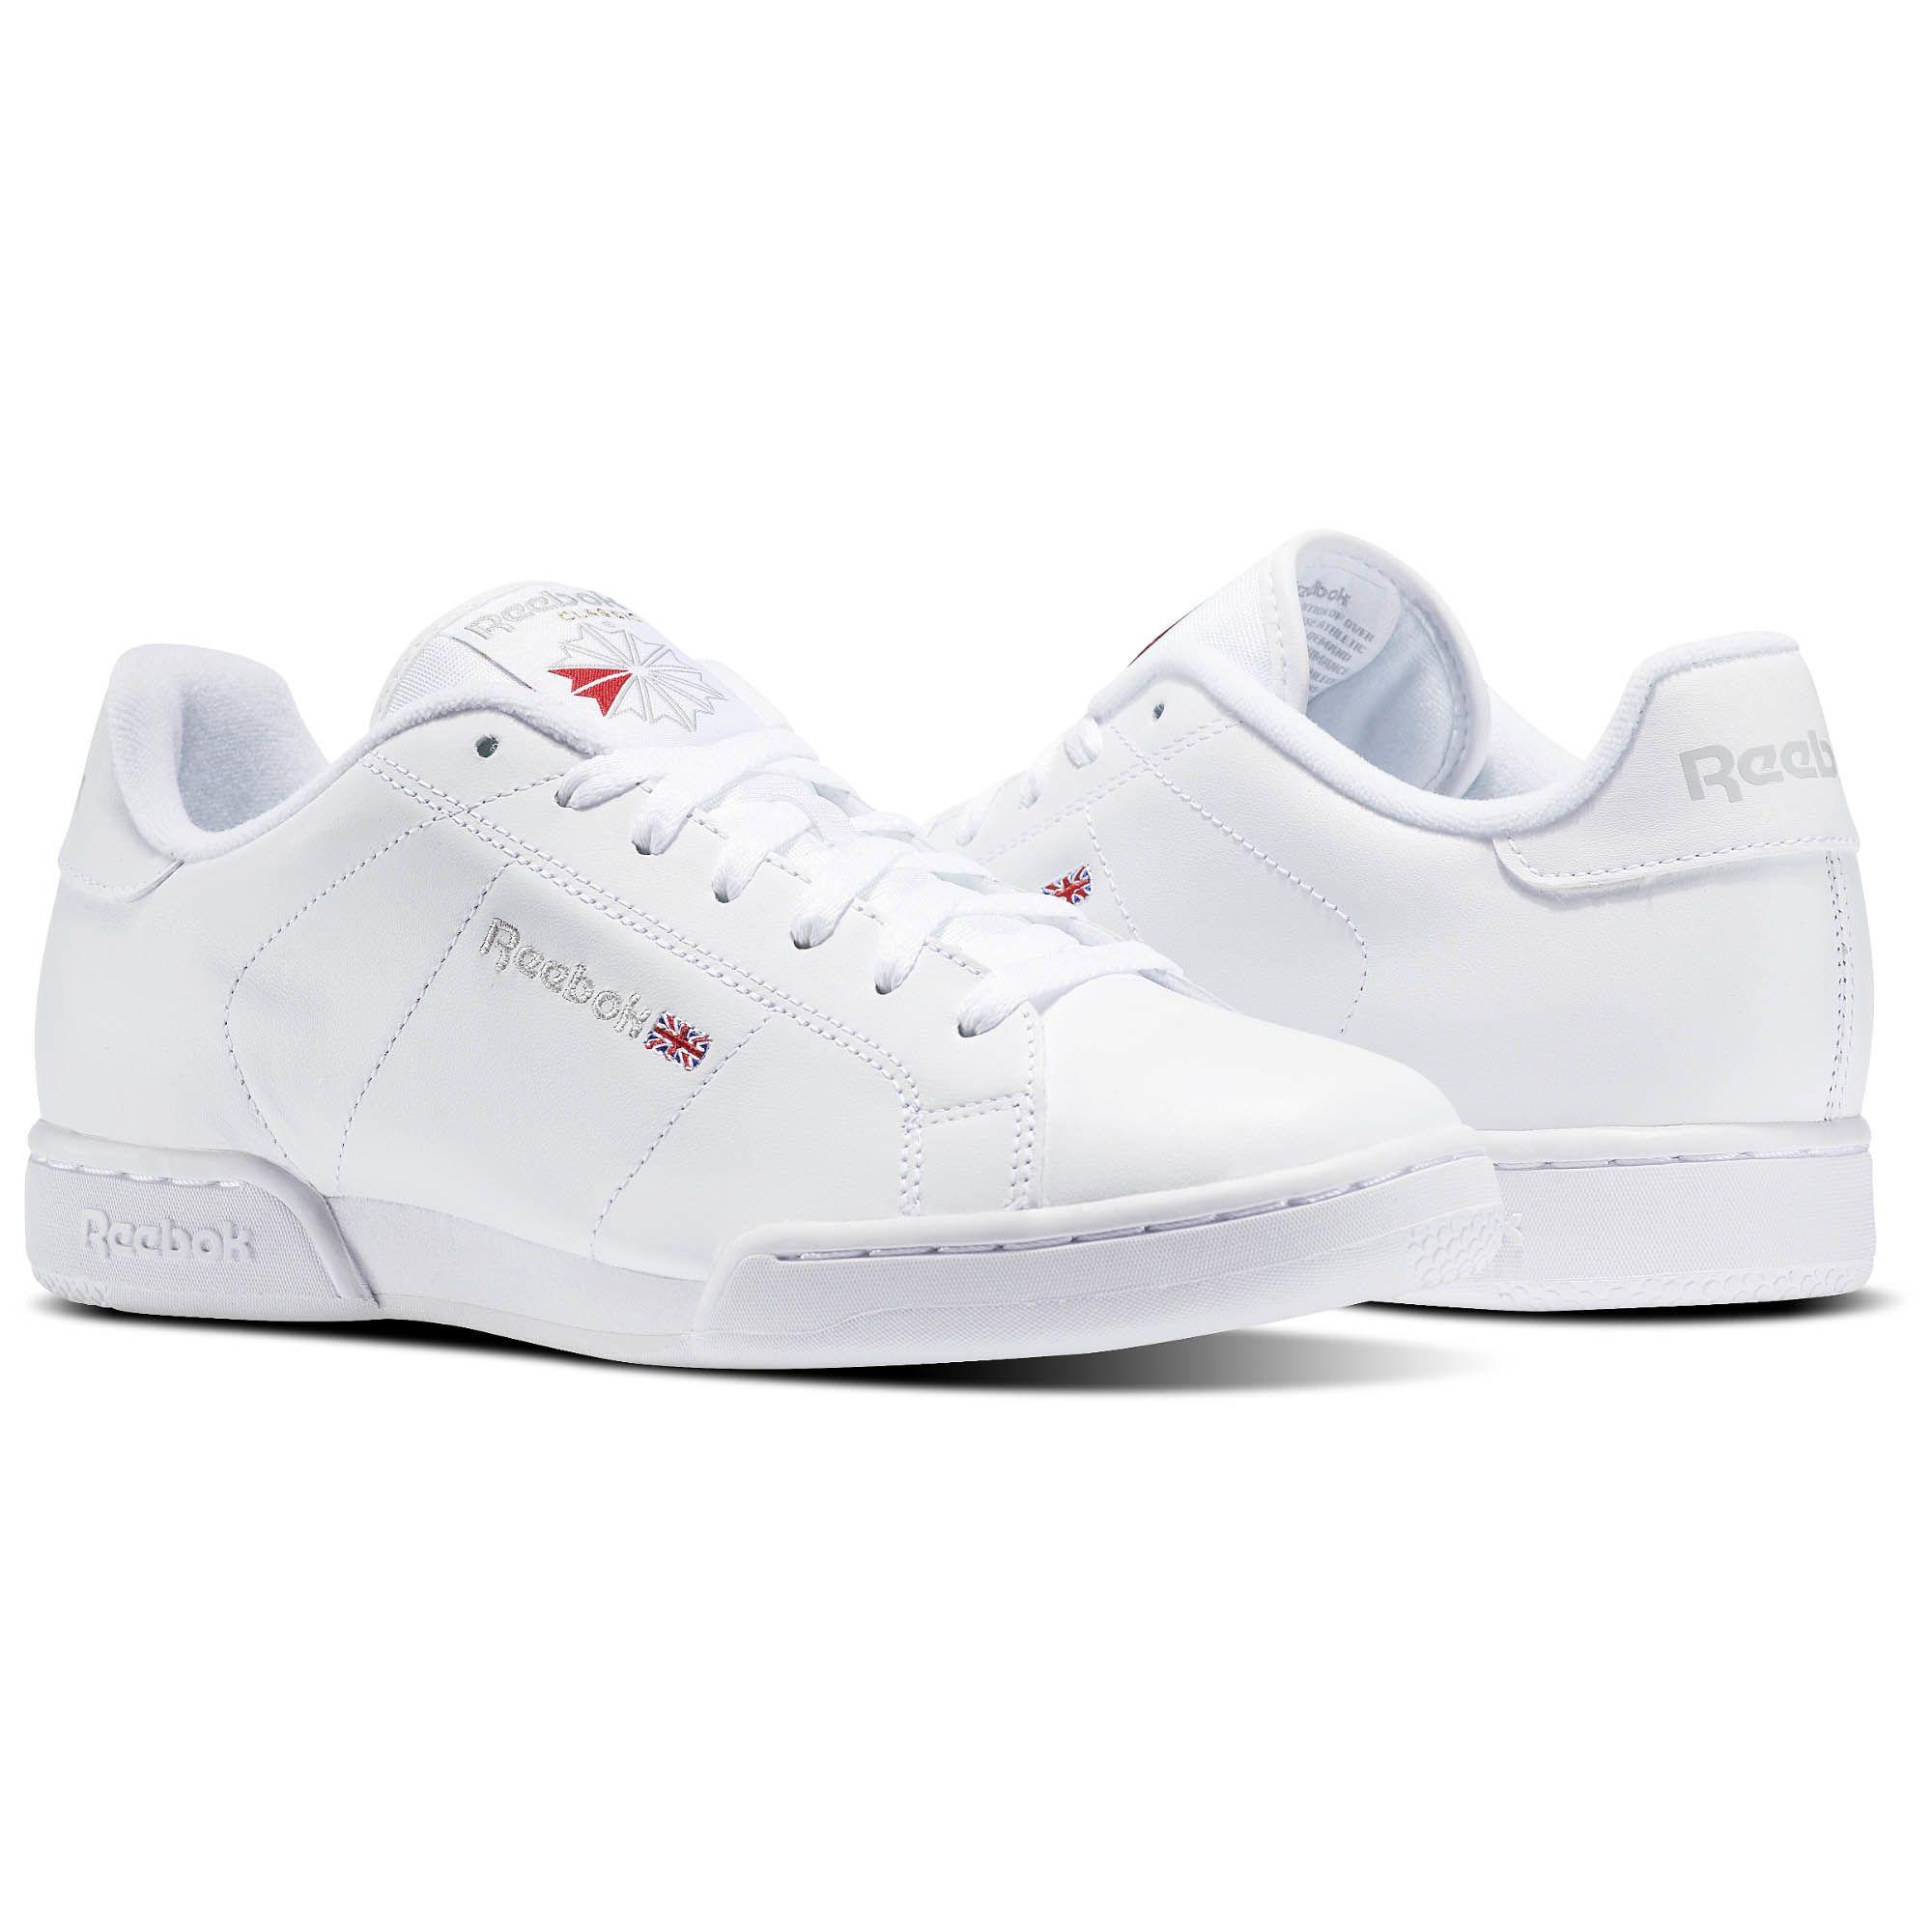 Puntuación Mirar atrás Disipación  Reebok NPC II Men's Shoes - White | Reebok US | Reebok npc ii, White reebok,  Men's shoes